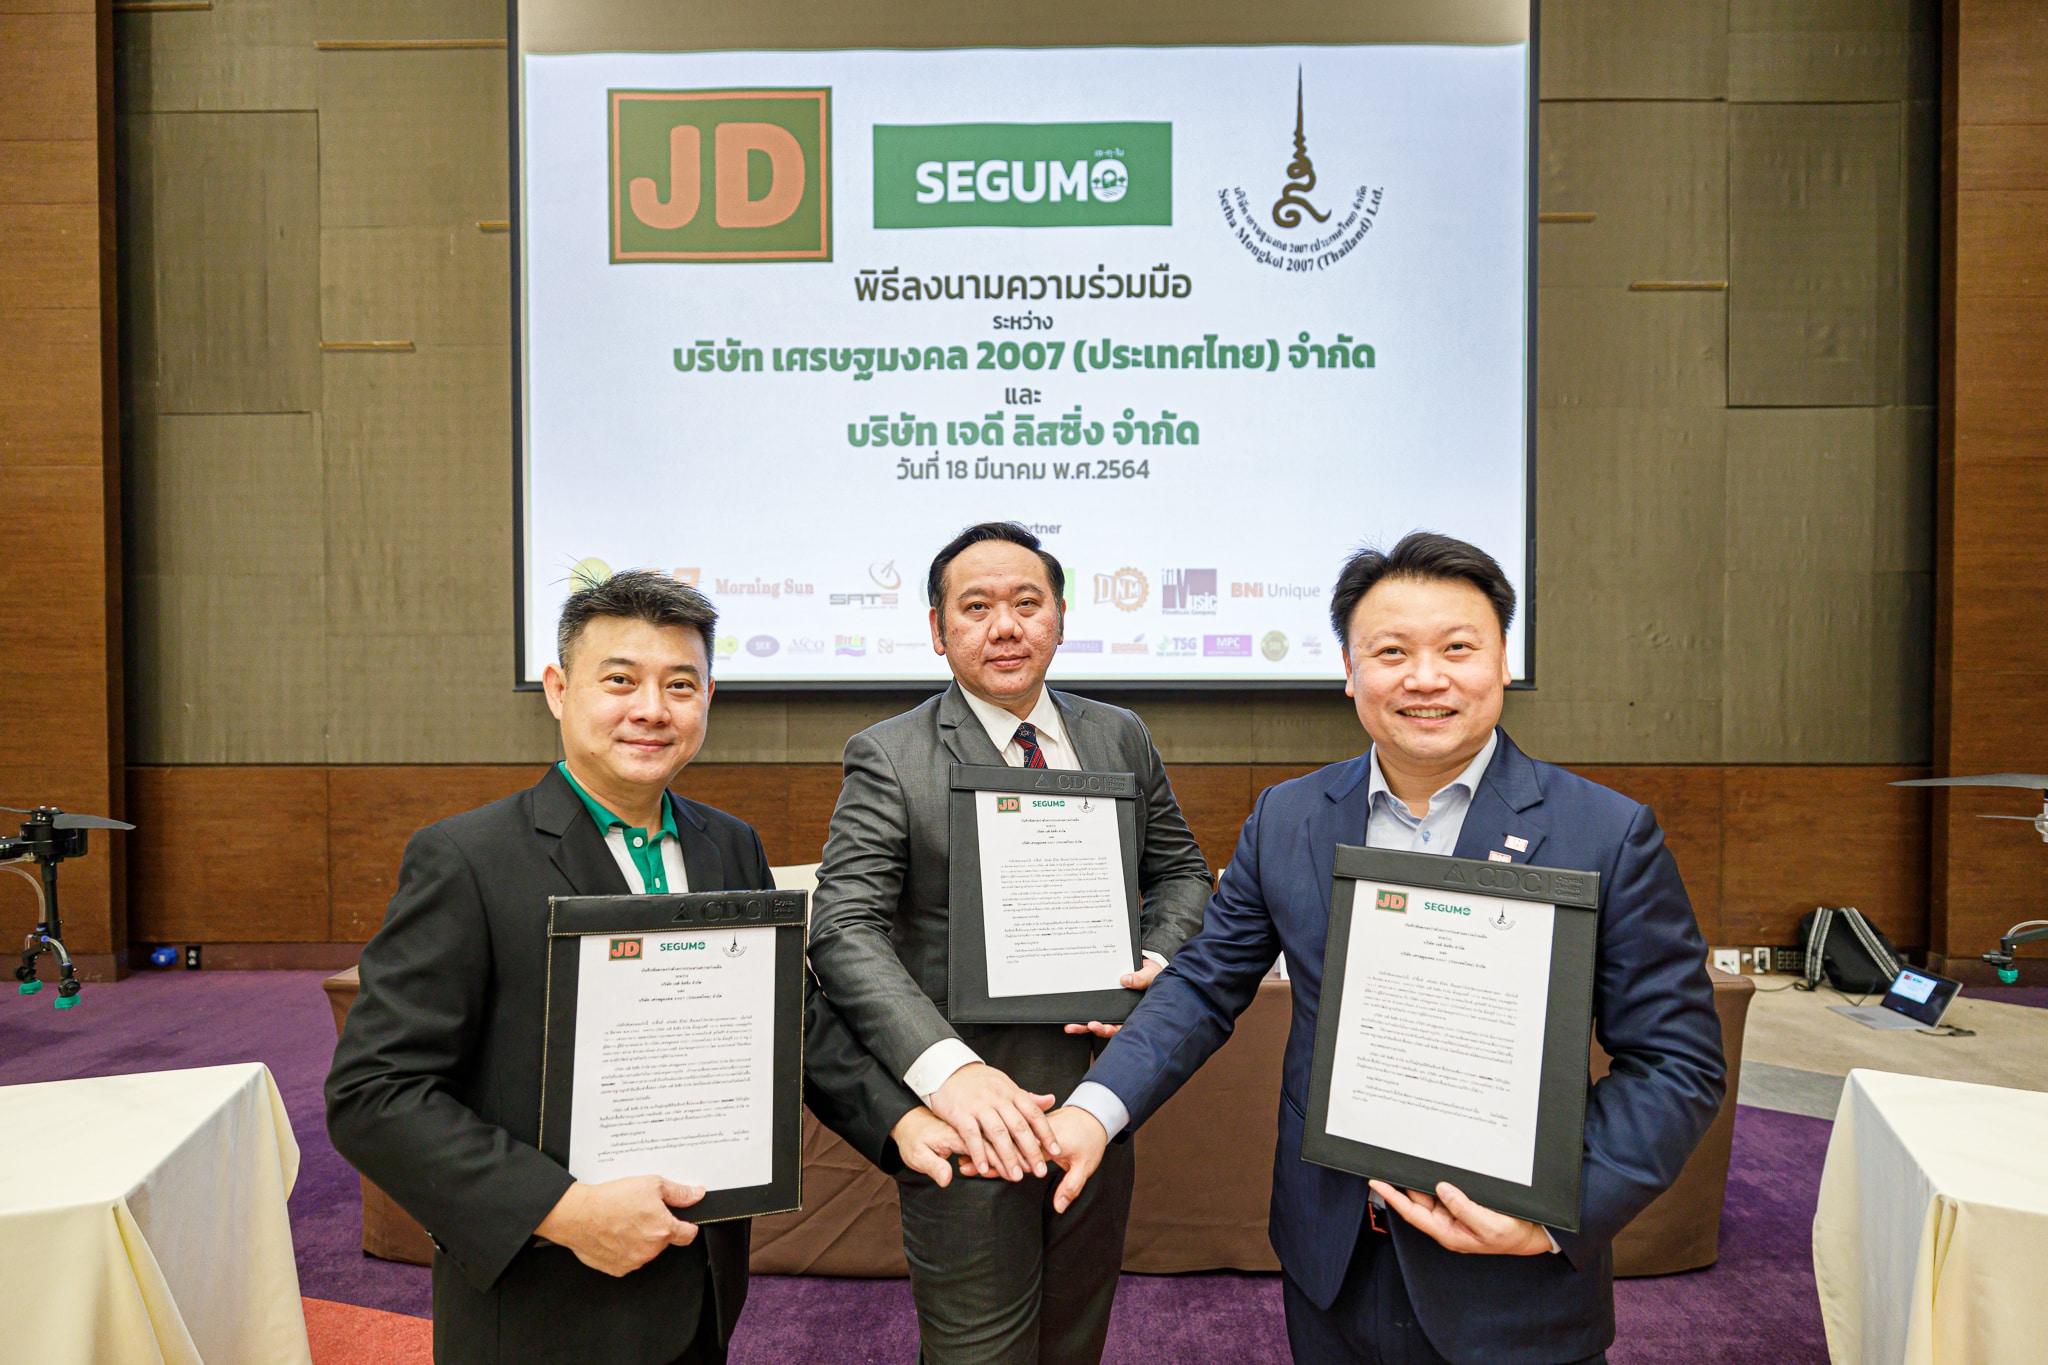 บริษัท เศรษฐมงคล 2007 (ประเทศไทย) จำกัด ได้ลงนามสัญญาความร่วมมือ (MOU) กับ บริษัท เจดี ลิสซิ่ง จำกัด เพื่อสนับสนุนสินเชื่อเช่าซื้อโดรนการเกษตร SEGUMO (เซ-กุ-โม) เป็นเพียงรายเดียวที่มีฐานการผลิตในประเทศ